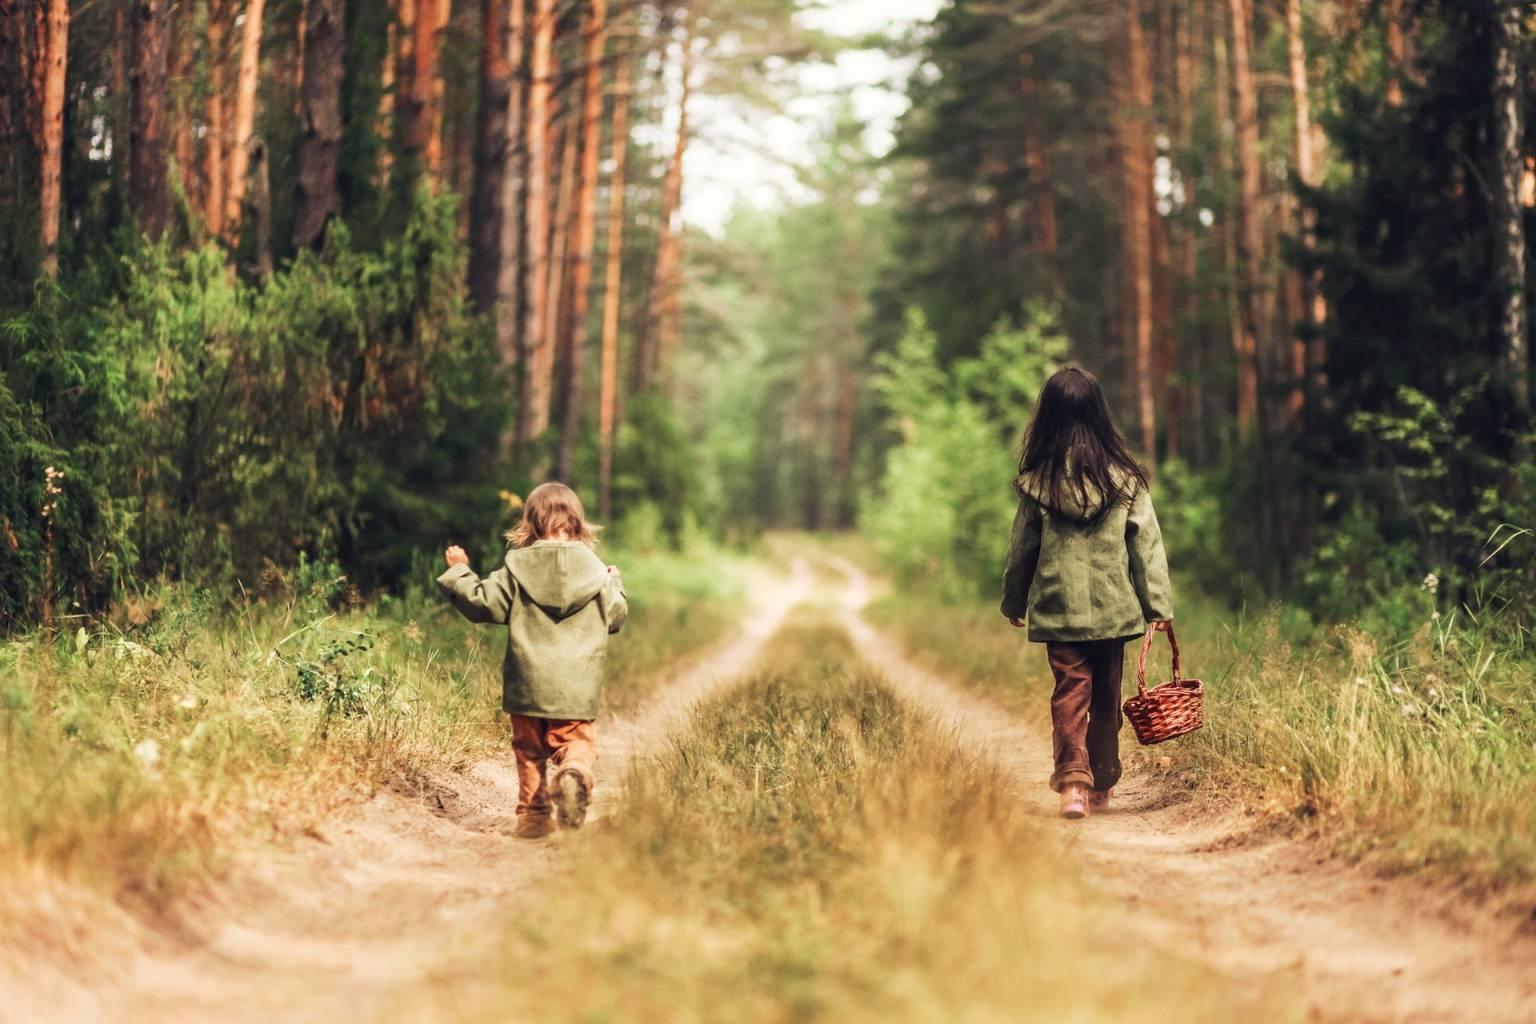 Jak ochronić dziecko przed boreliozą? Dwie małe dziewczynki w zielonych kurtkach idą ścieżką przez las z koszykiem.